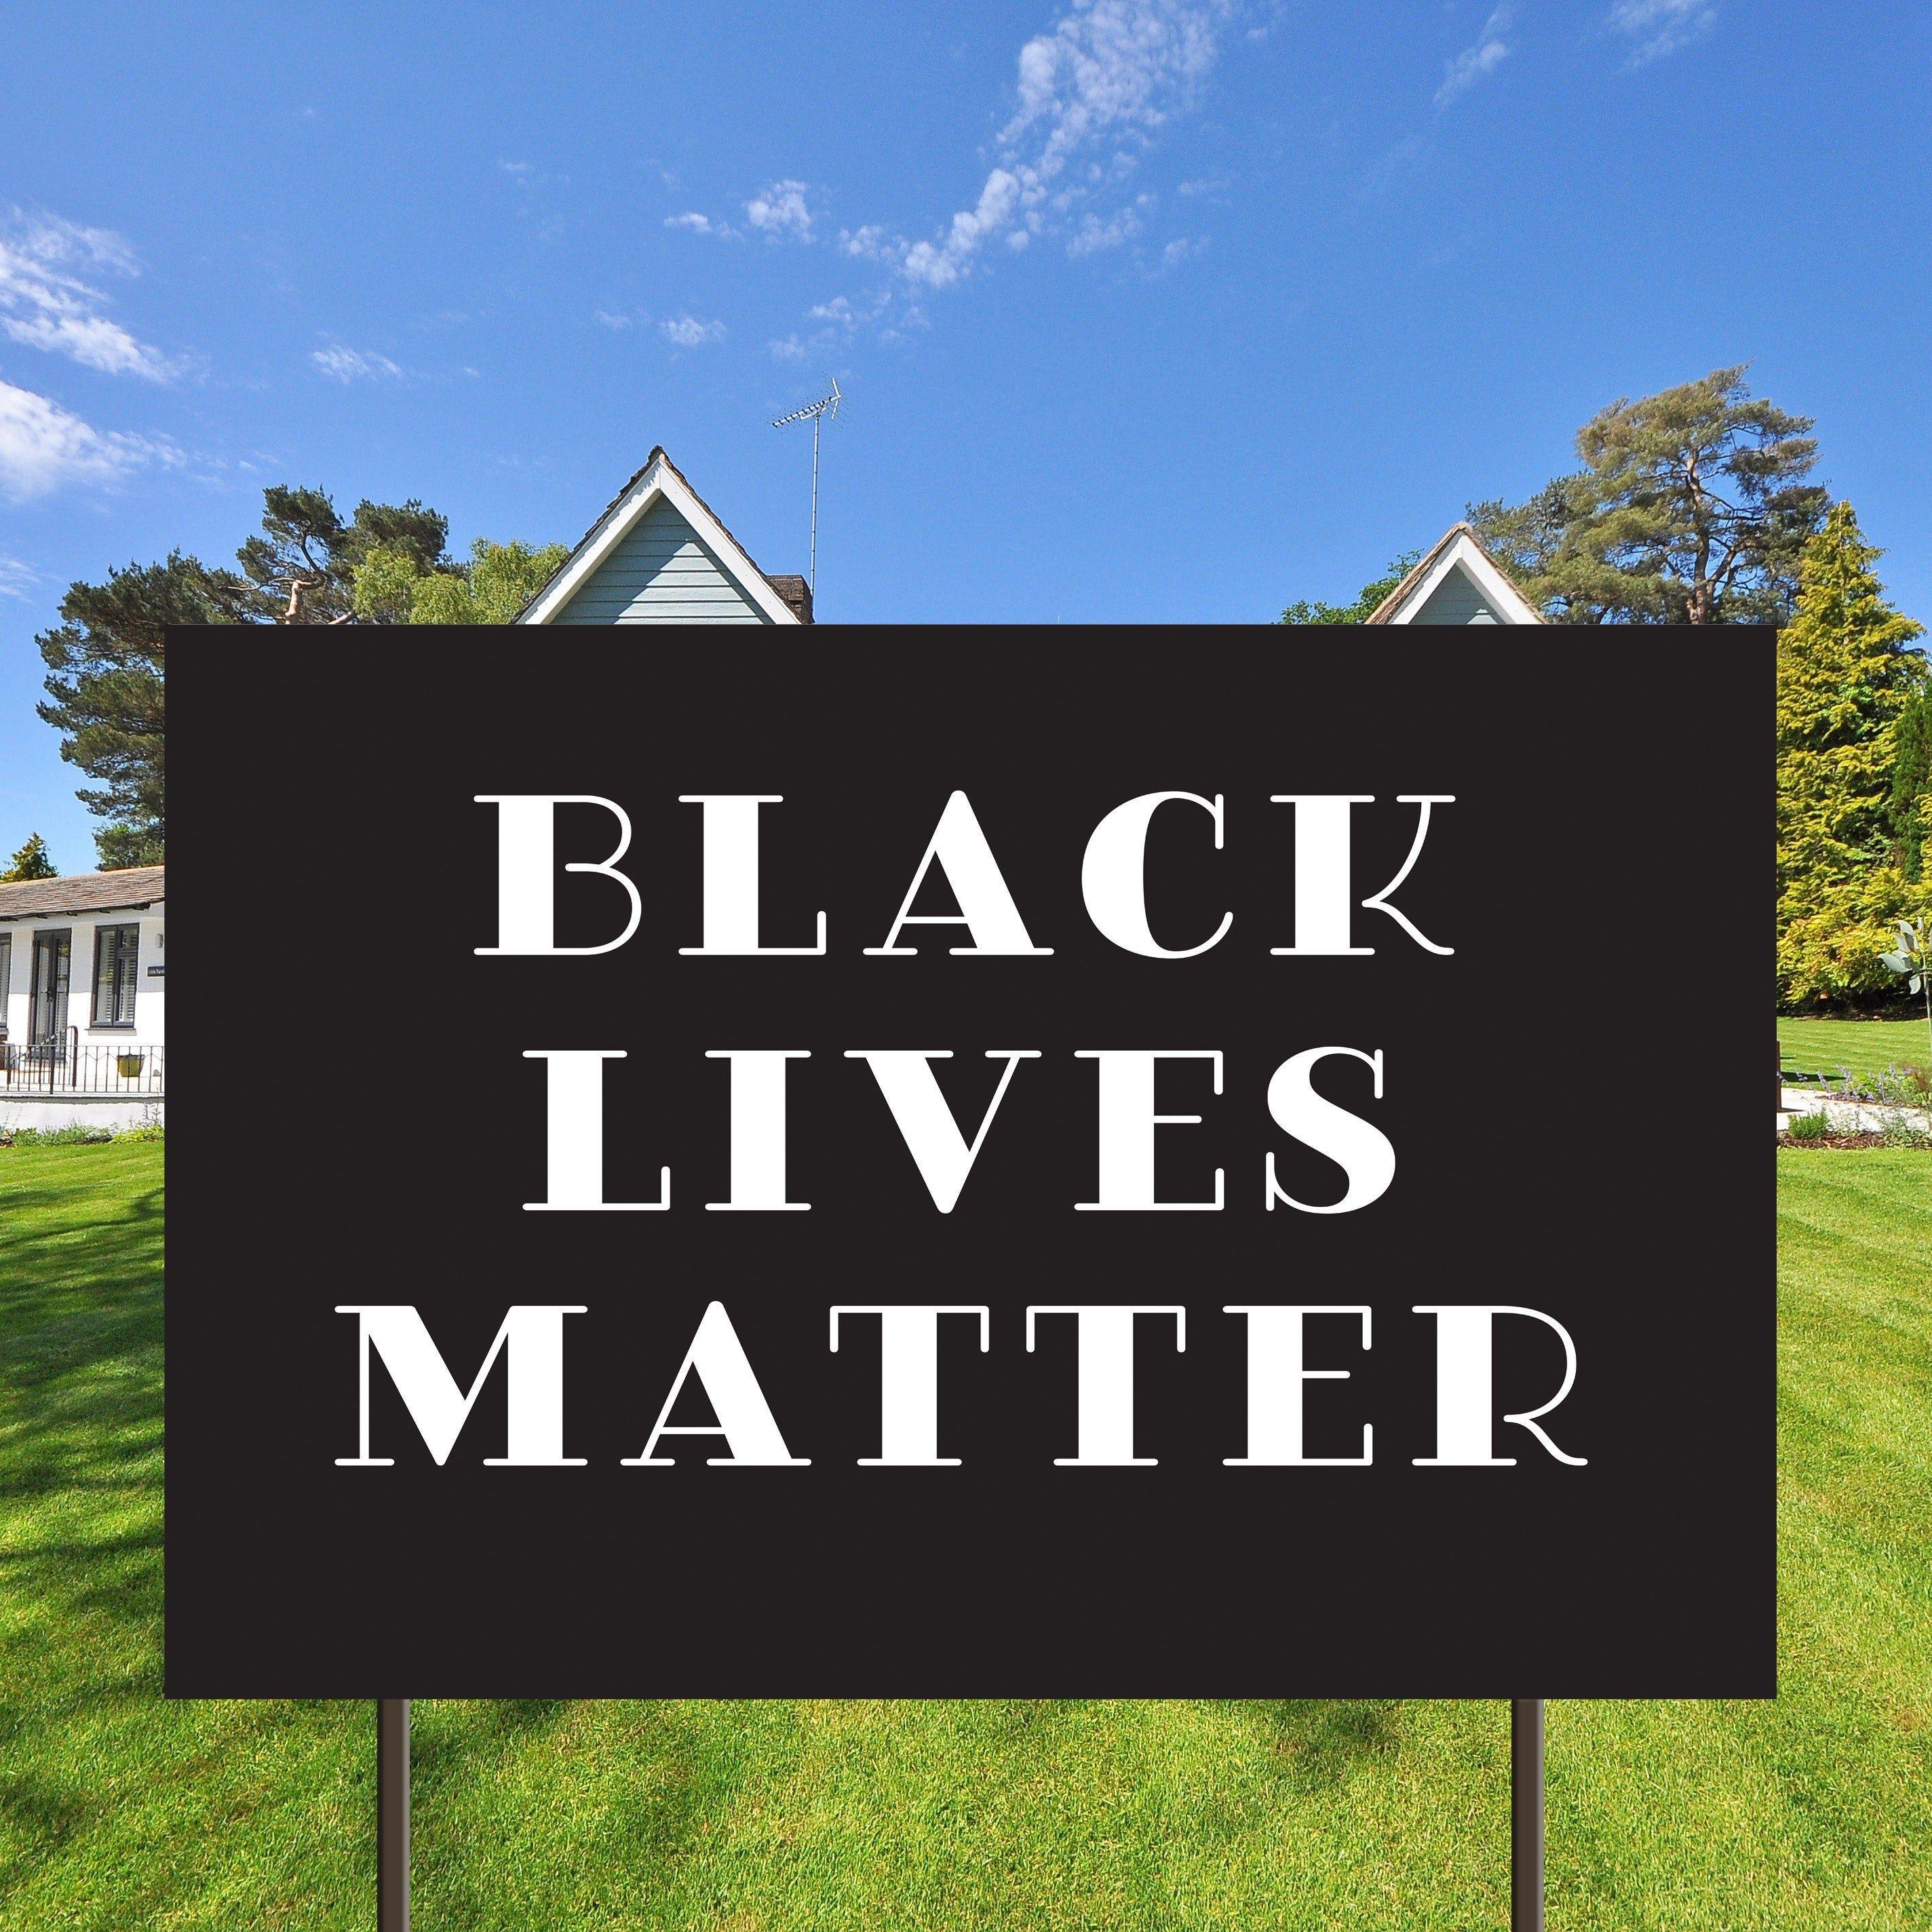 Black Lives Matter Sign Yard Sign Stand Up Minorities Matter Yard Sign Digital File Only Black Rights Social Justice Black Lives Matter Lives Matter Life